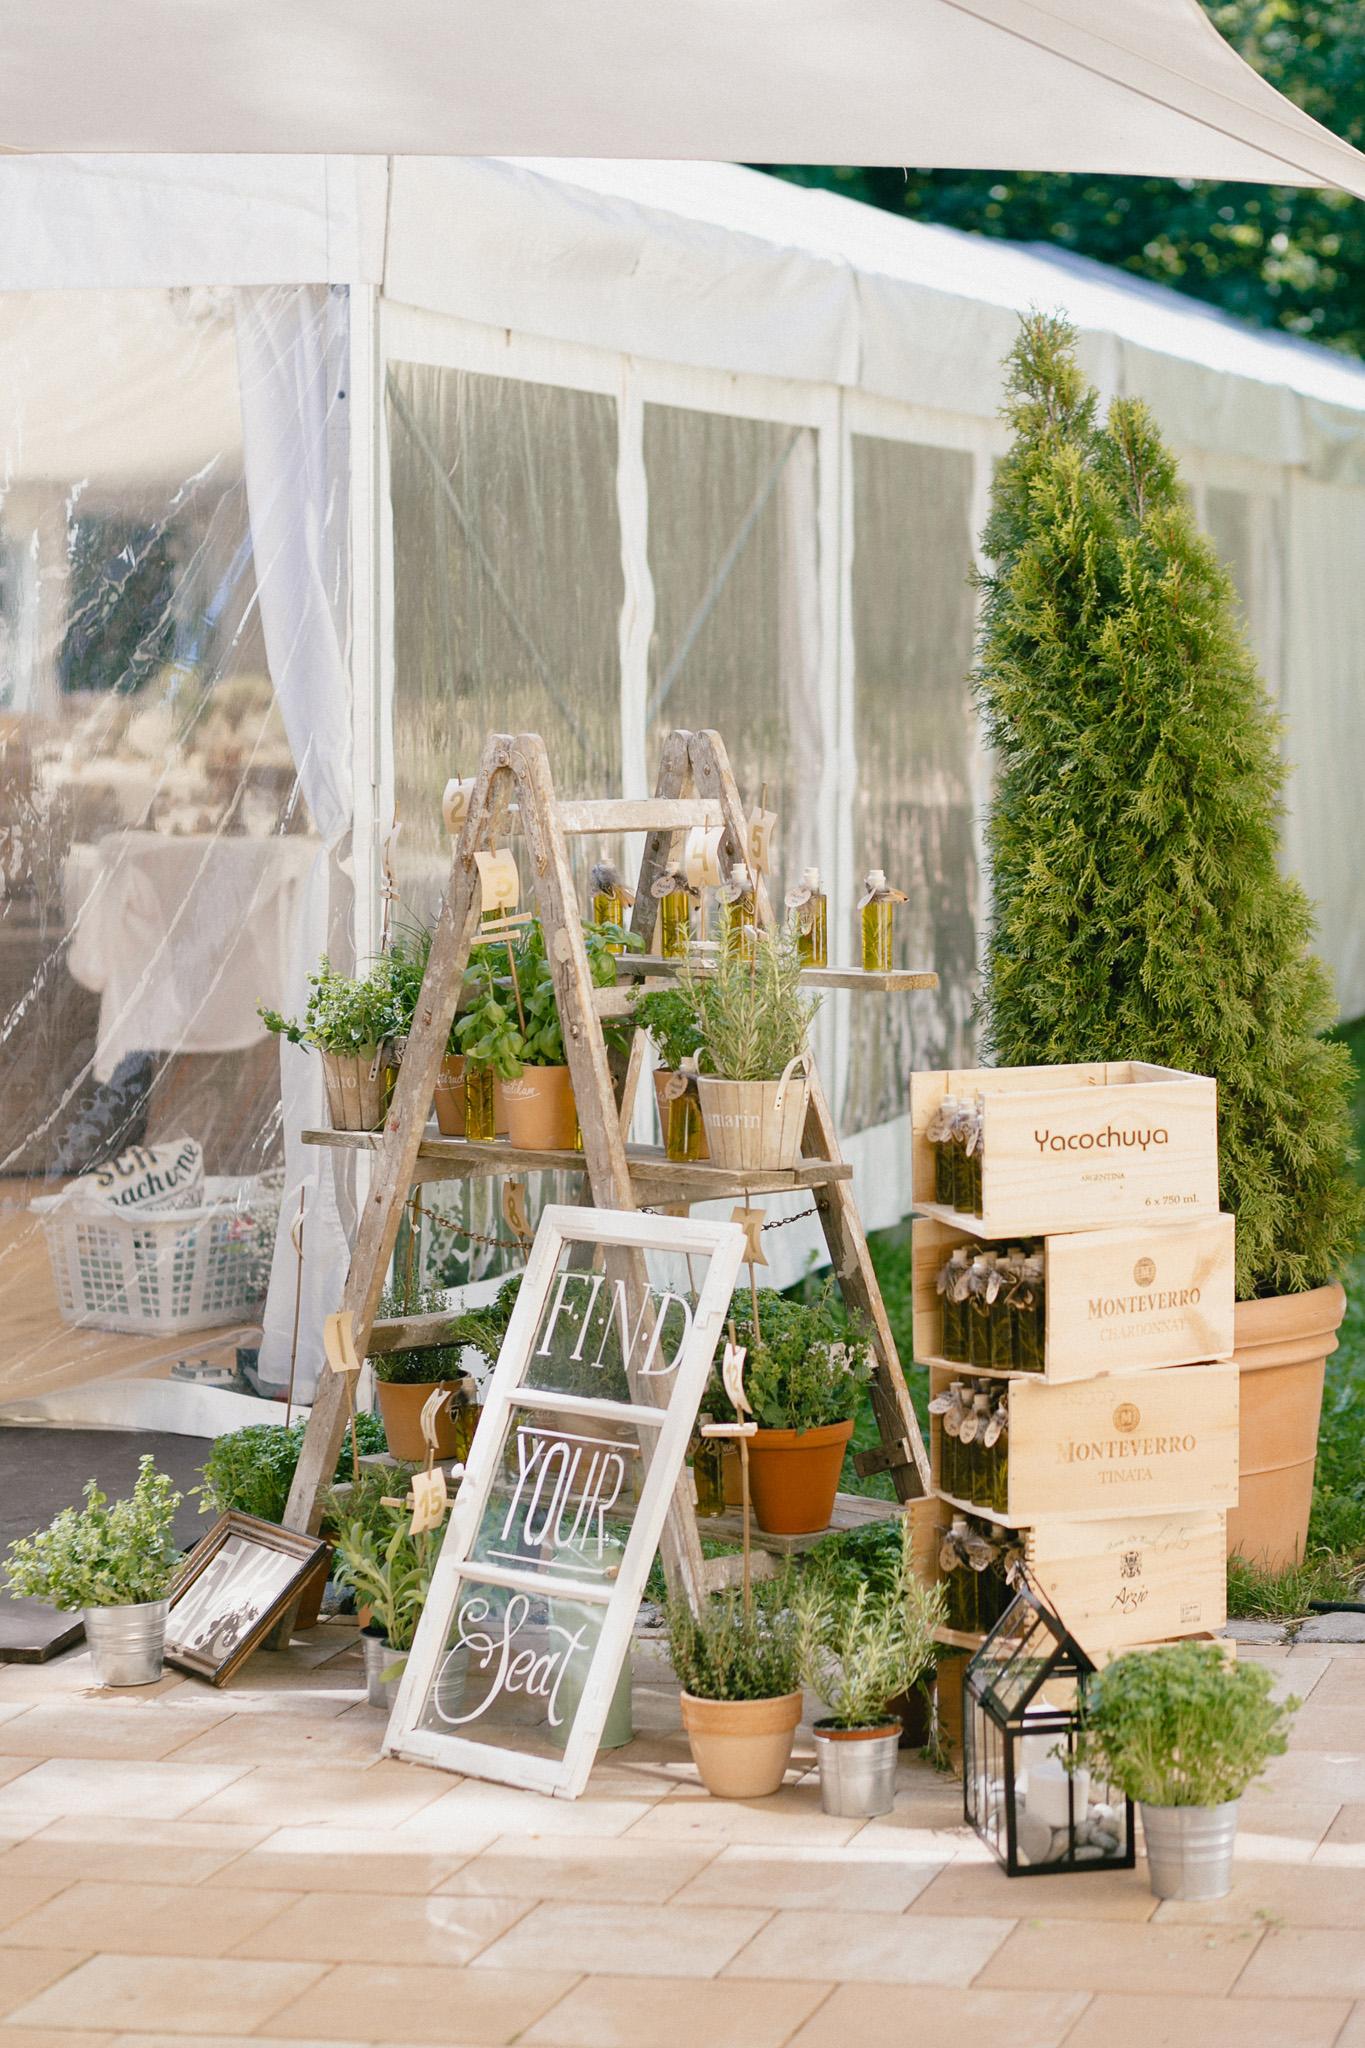 Sitzplan Hochzeit selber machen, Sitzplan Ideen Hochzeit DIY, Sitzplan für die Hochzeit mit Vintage Fenster und Kräutern